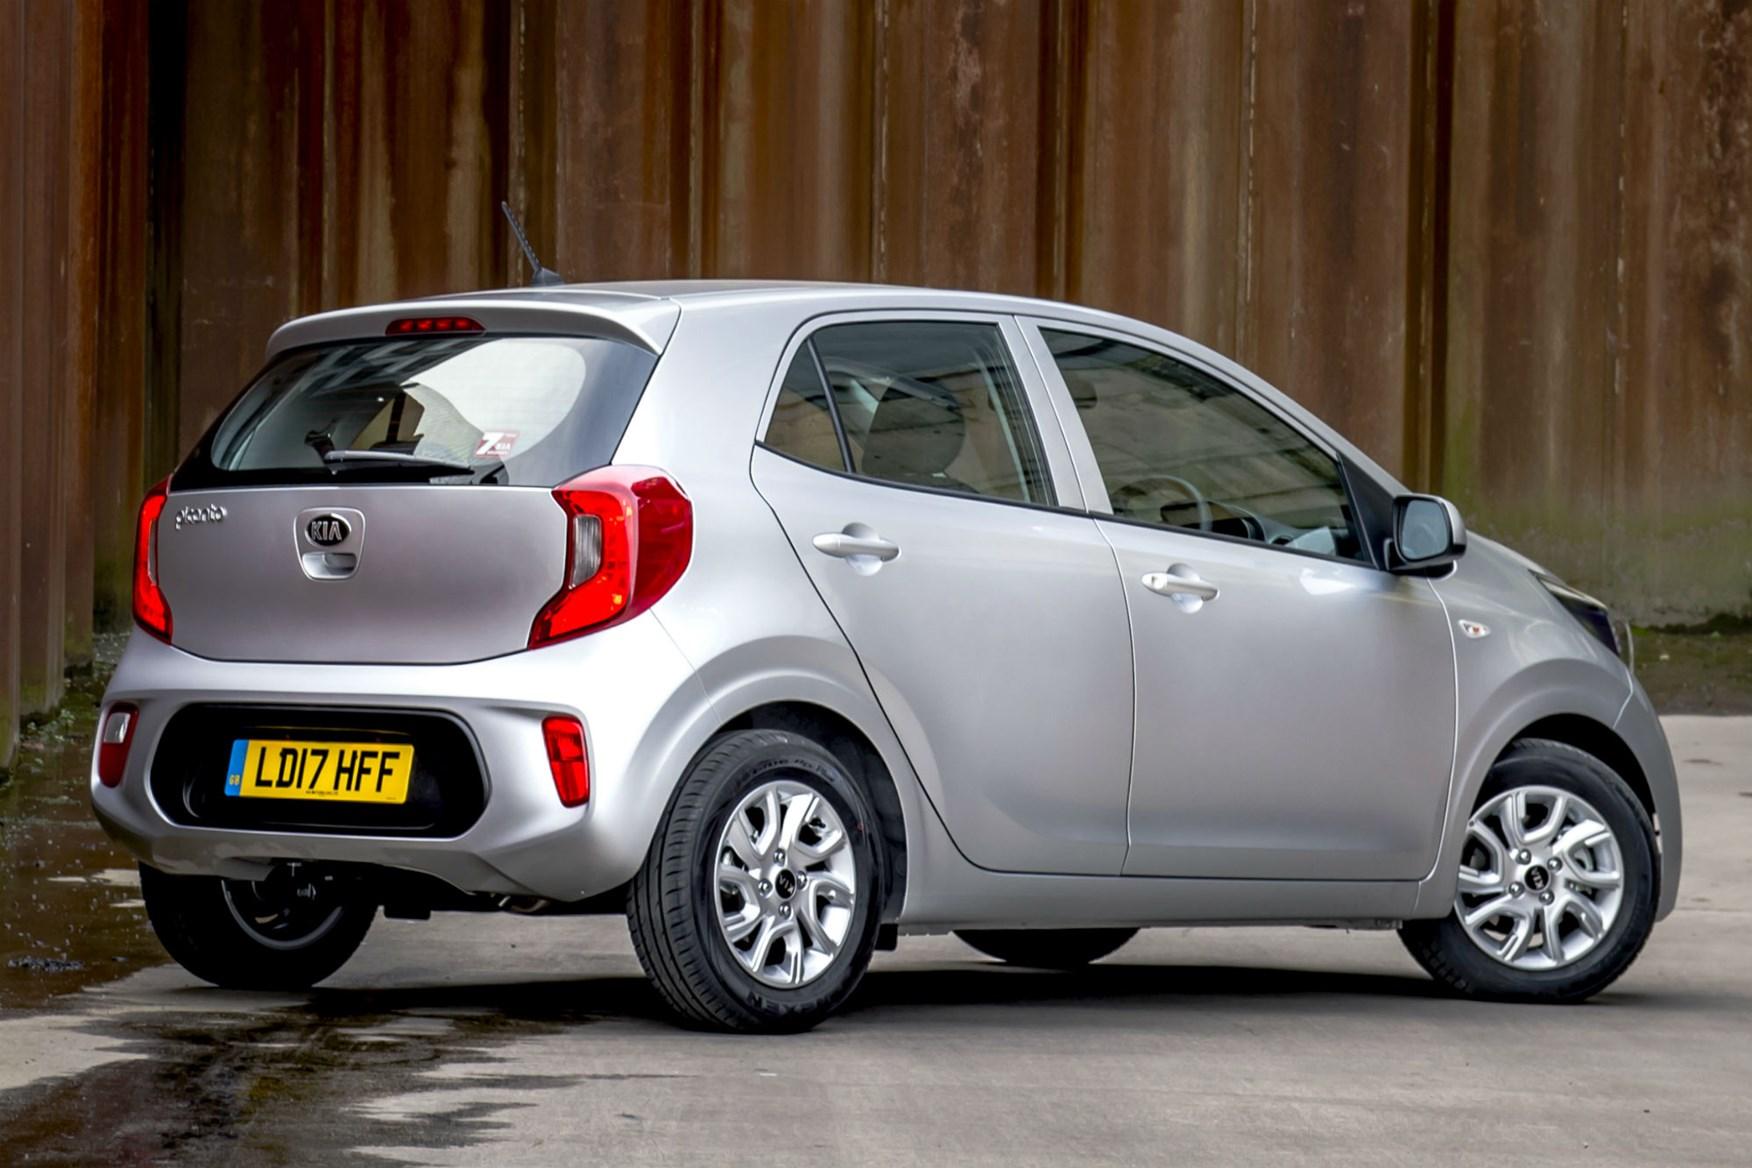 Pcp Car Deals Uk Lamoureph Blog